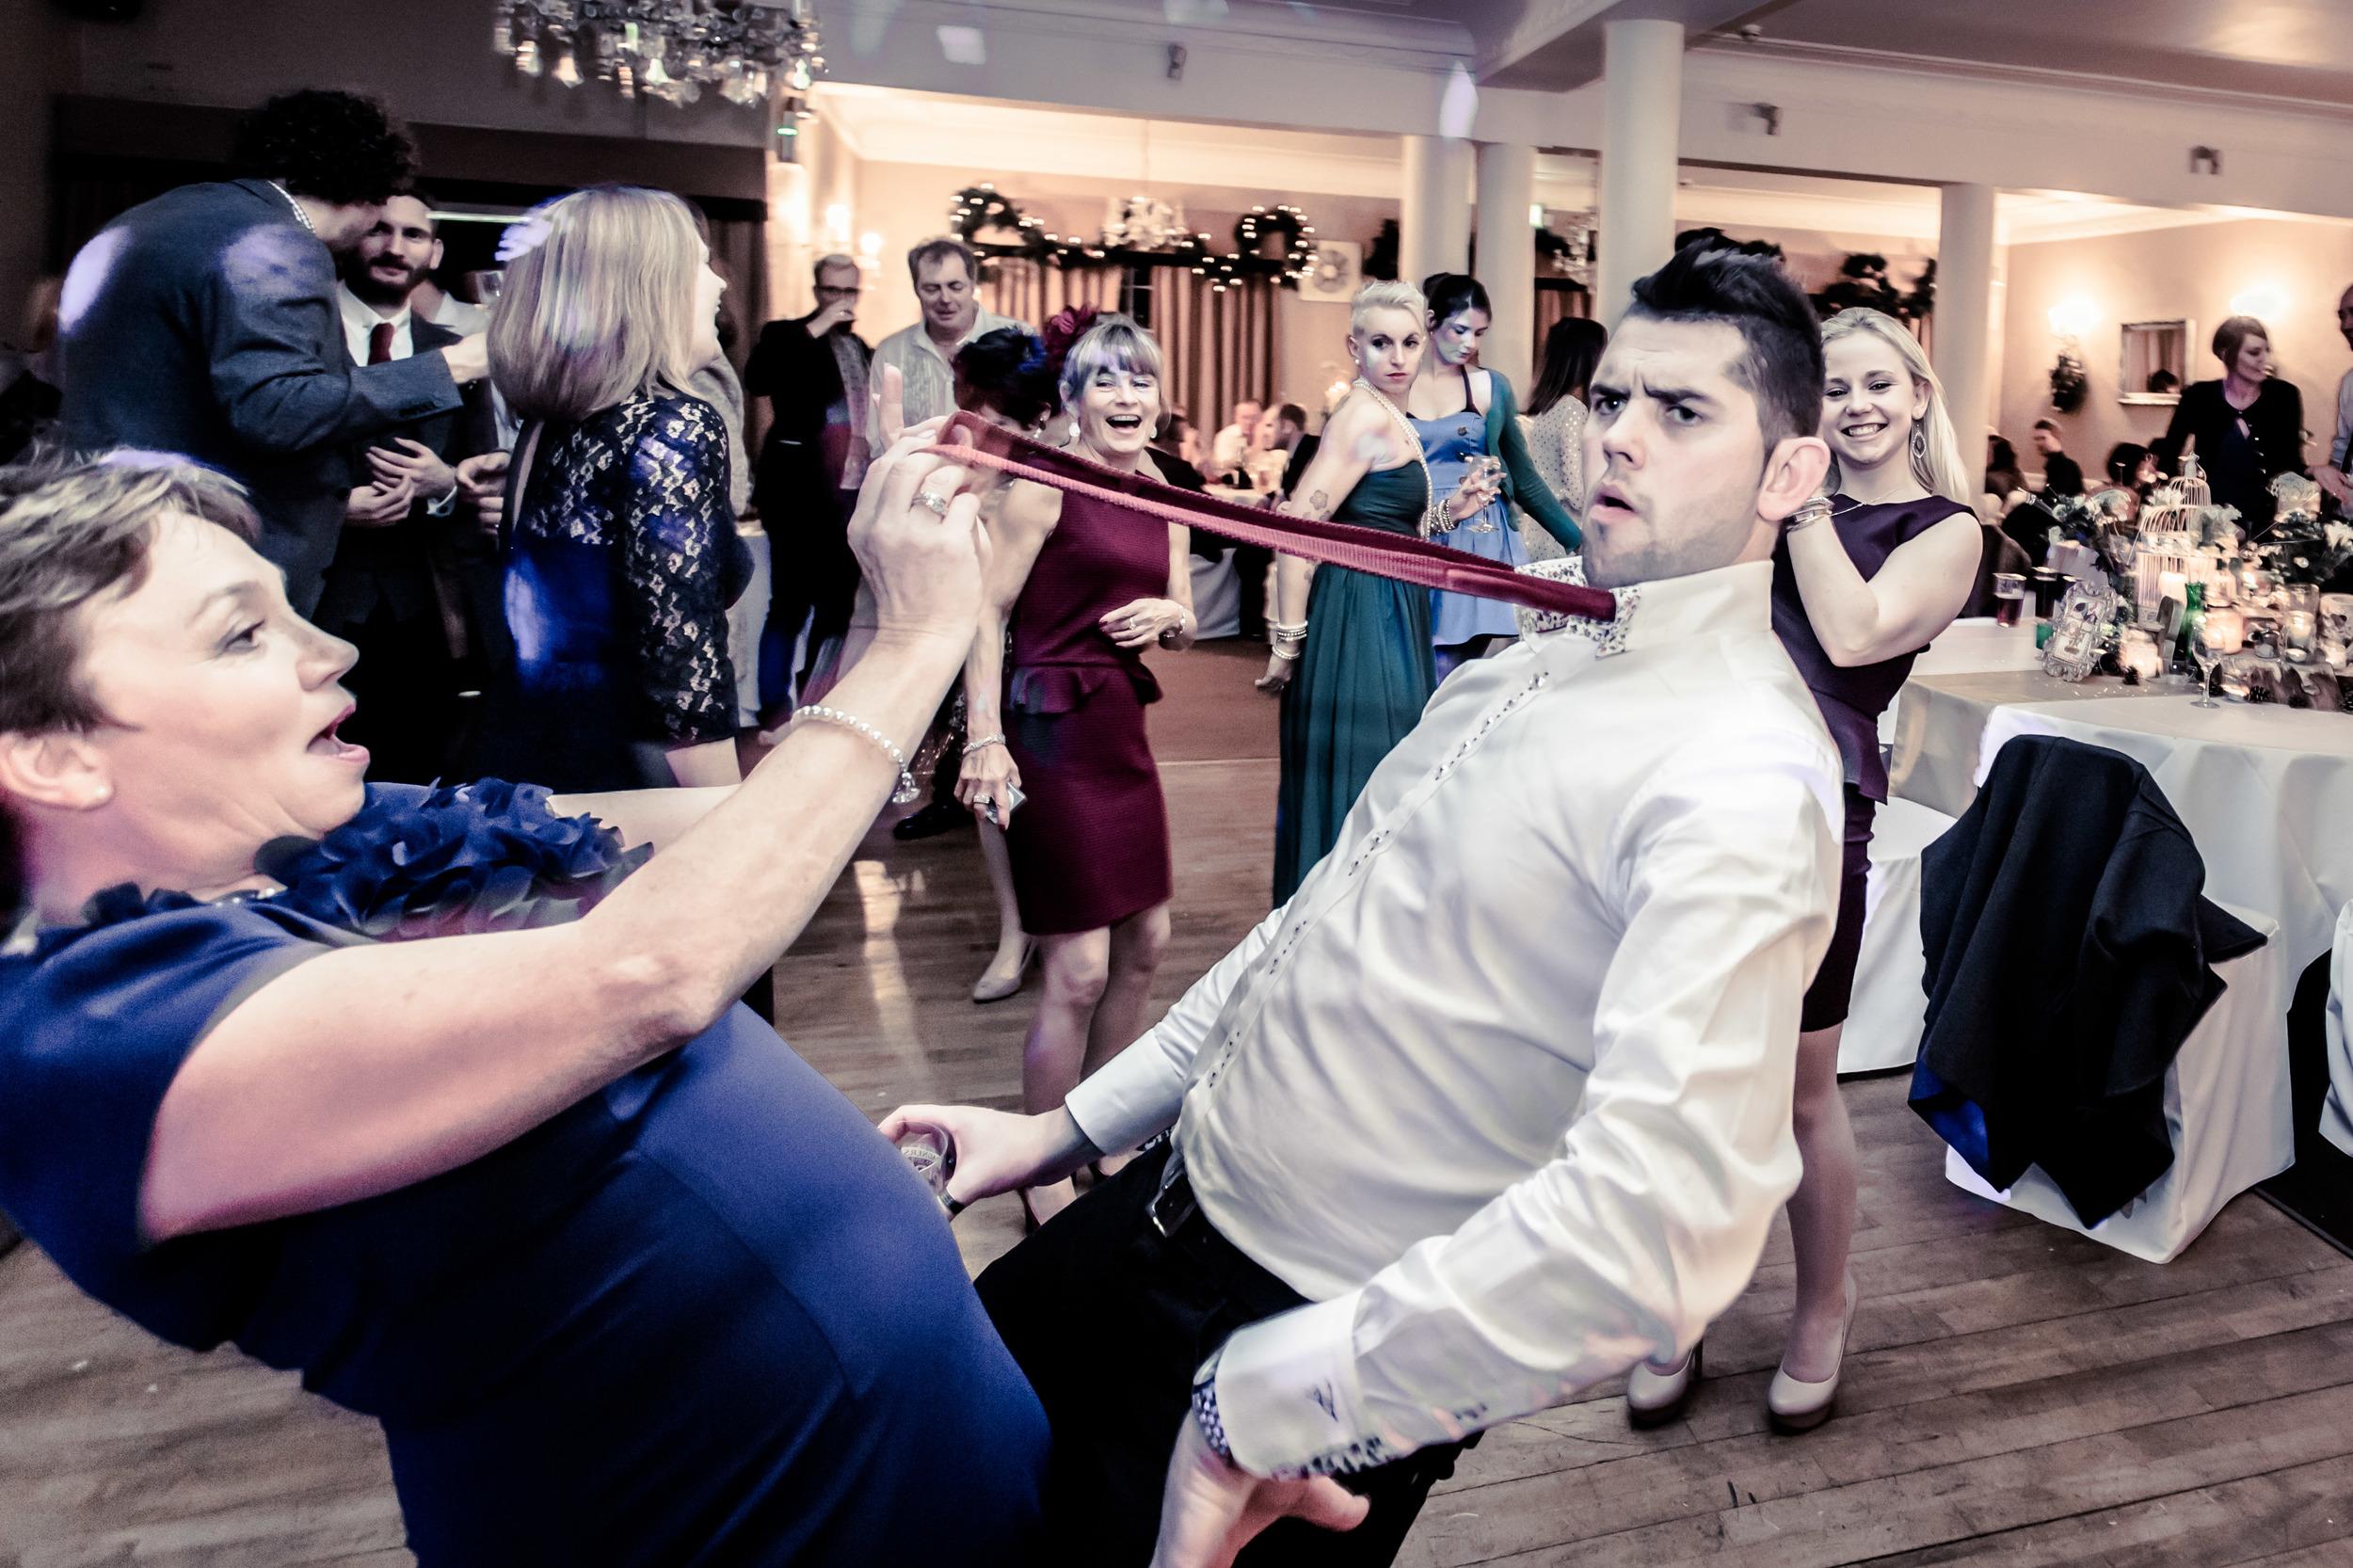 197 - Angela and Karls Wedding by www.markpugh.com -7319.jpg